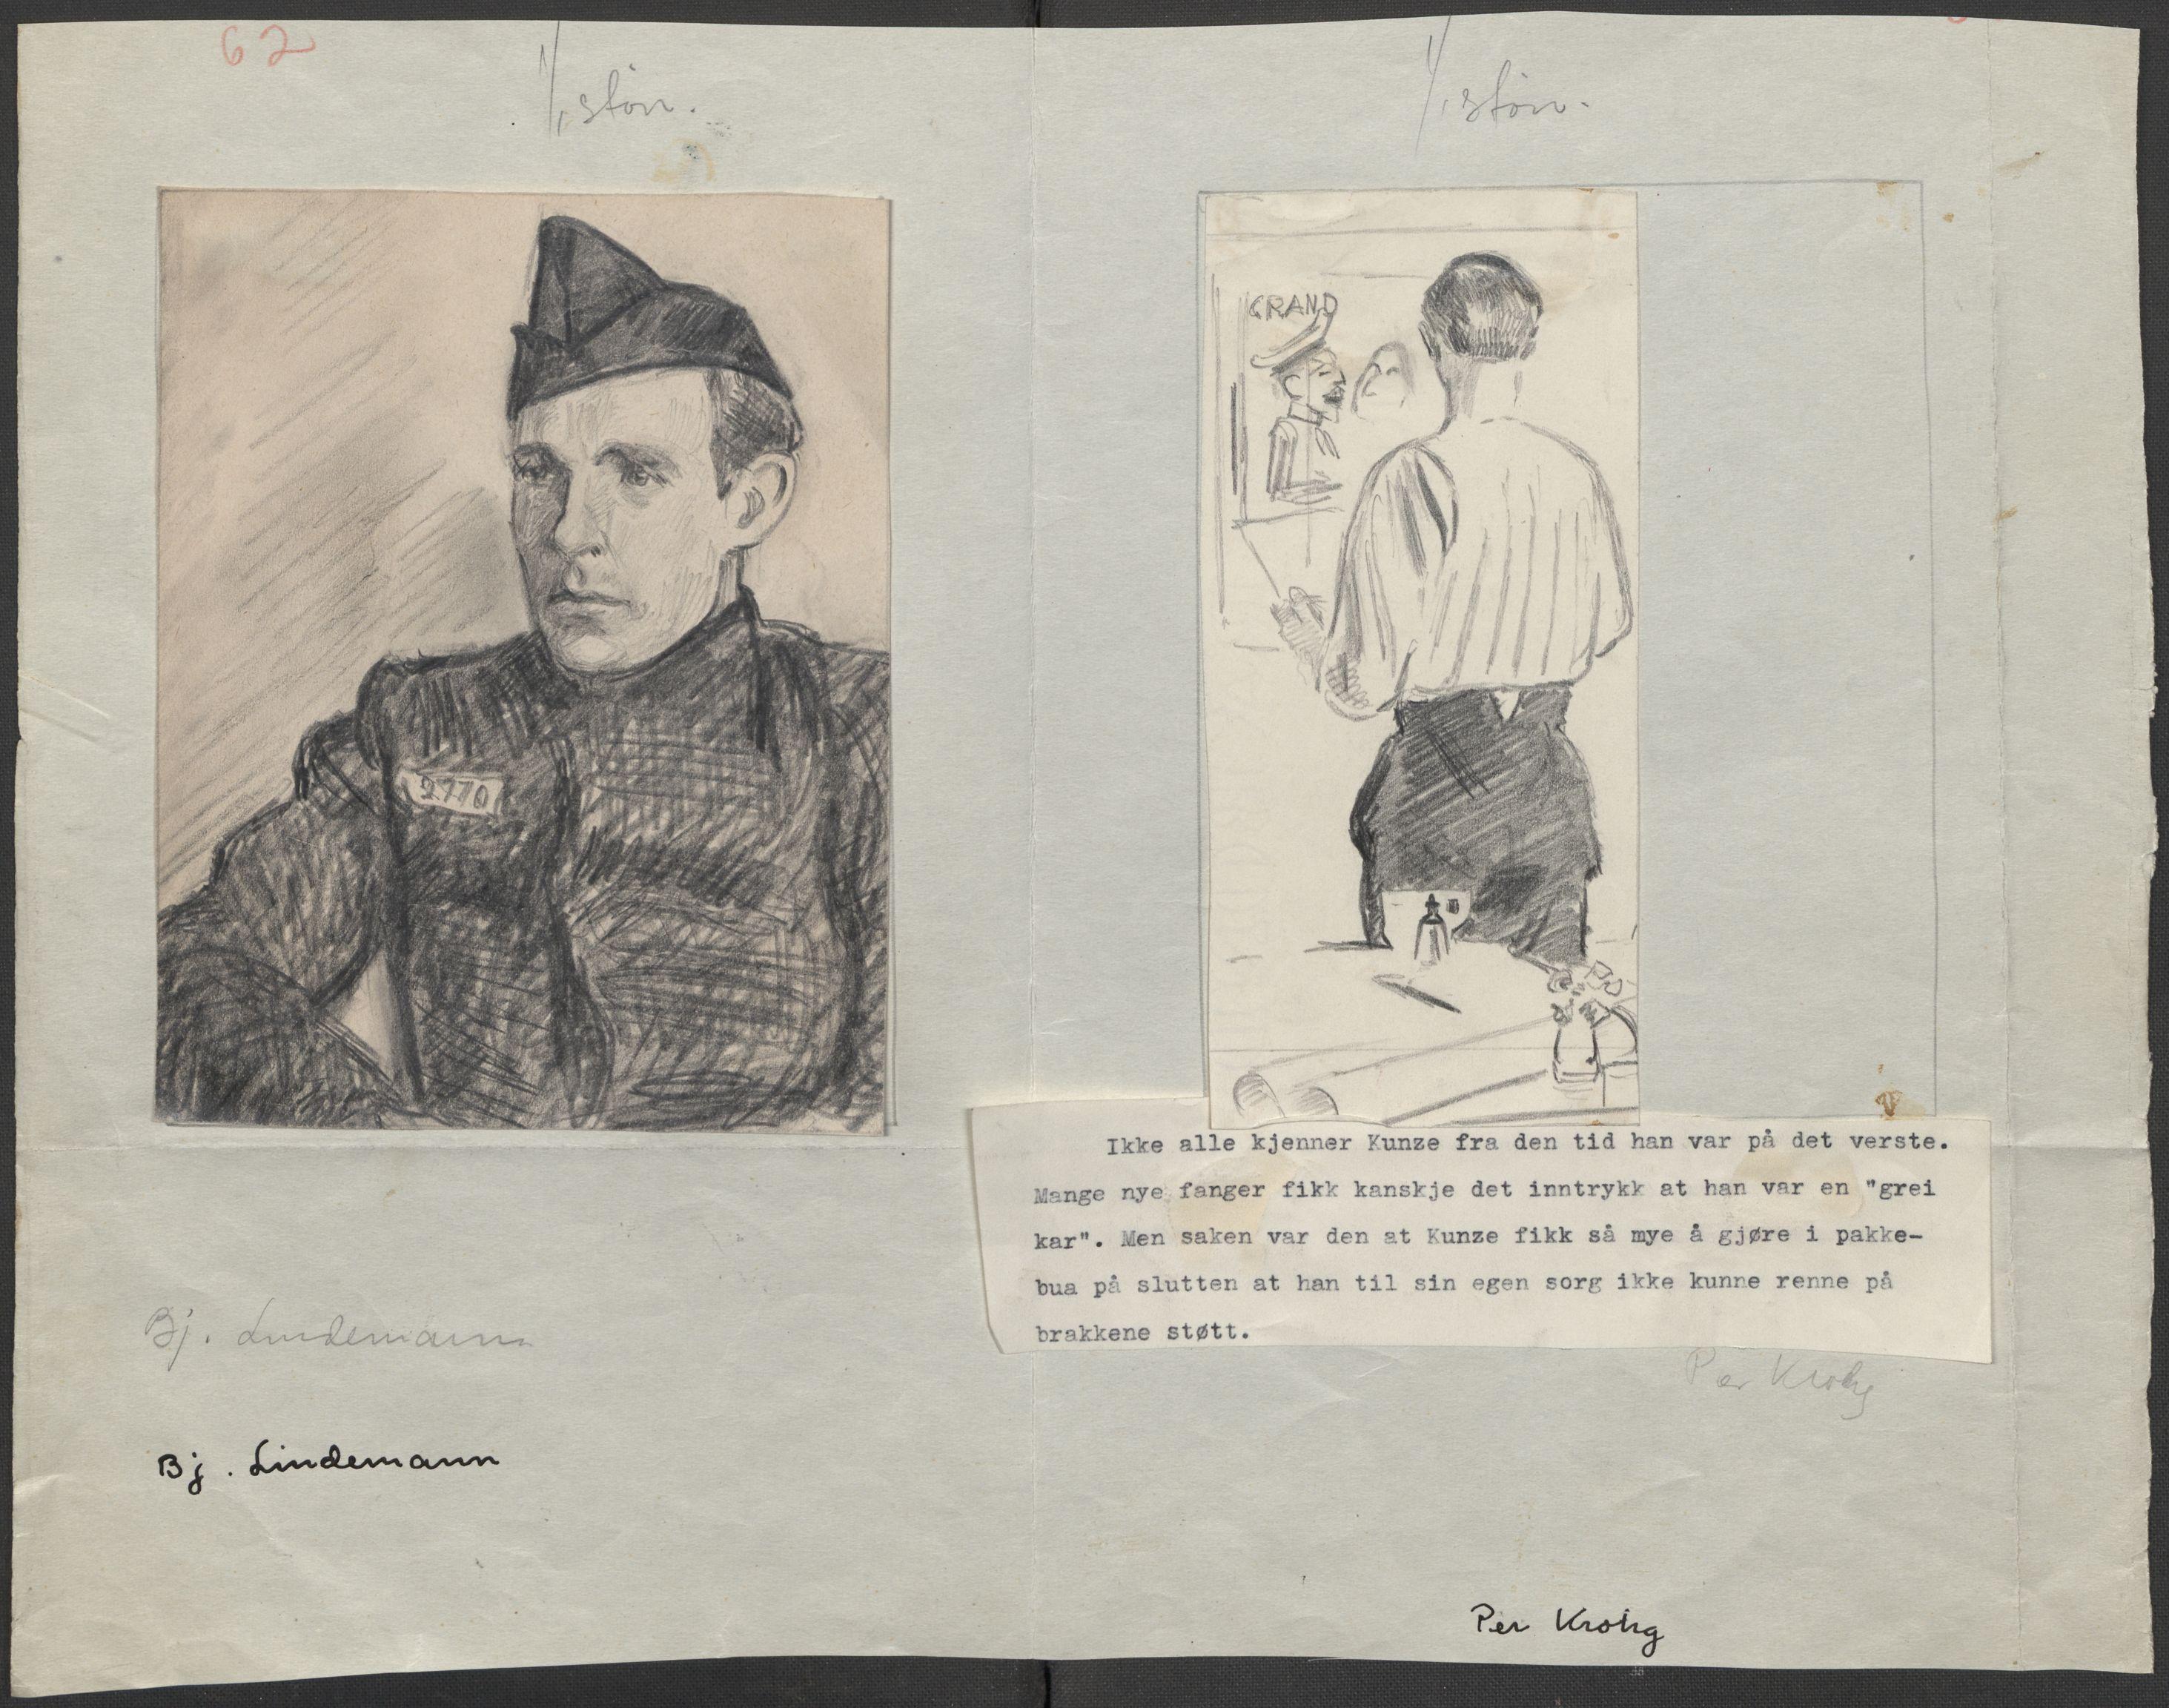 RA, Grøgaard, Joachim, F/L0002: Tegninger og tekster, 1942-1945, s. 105